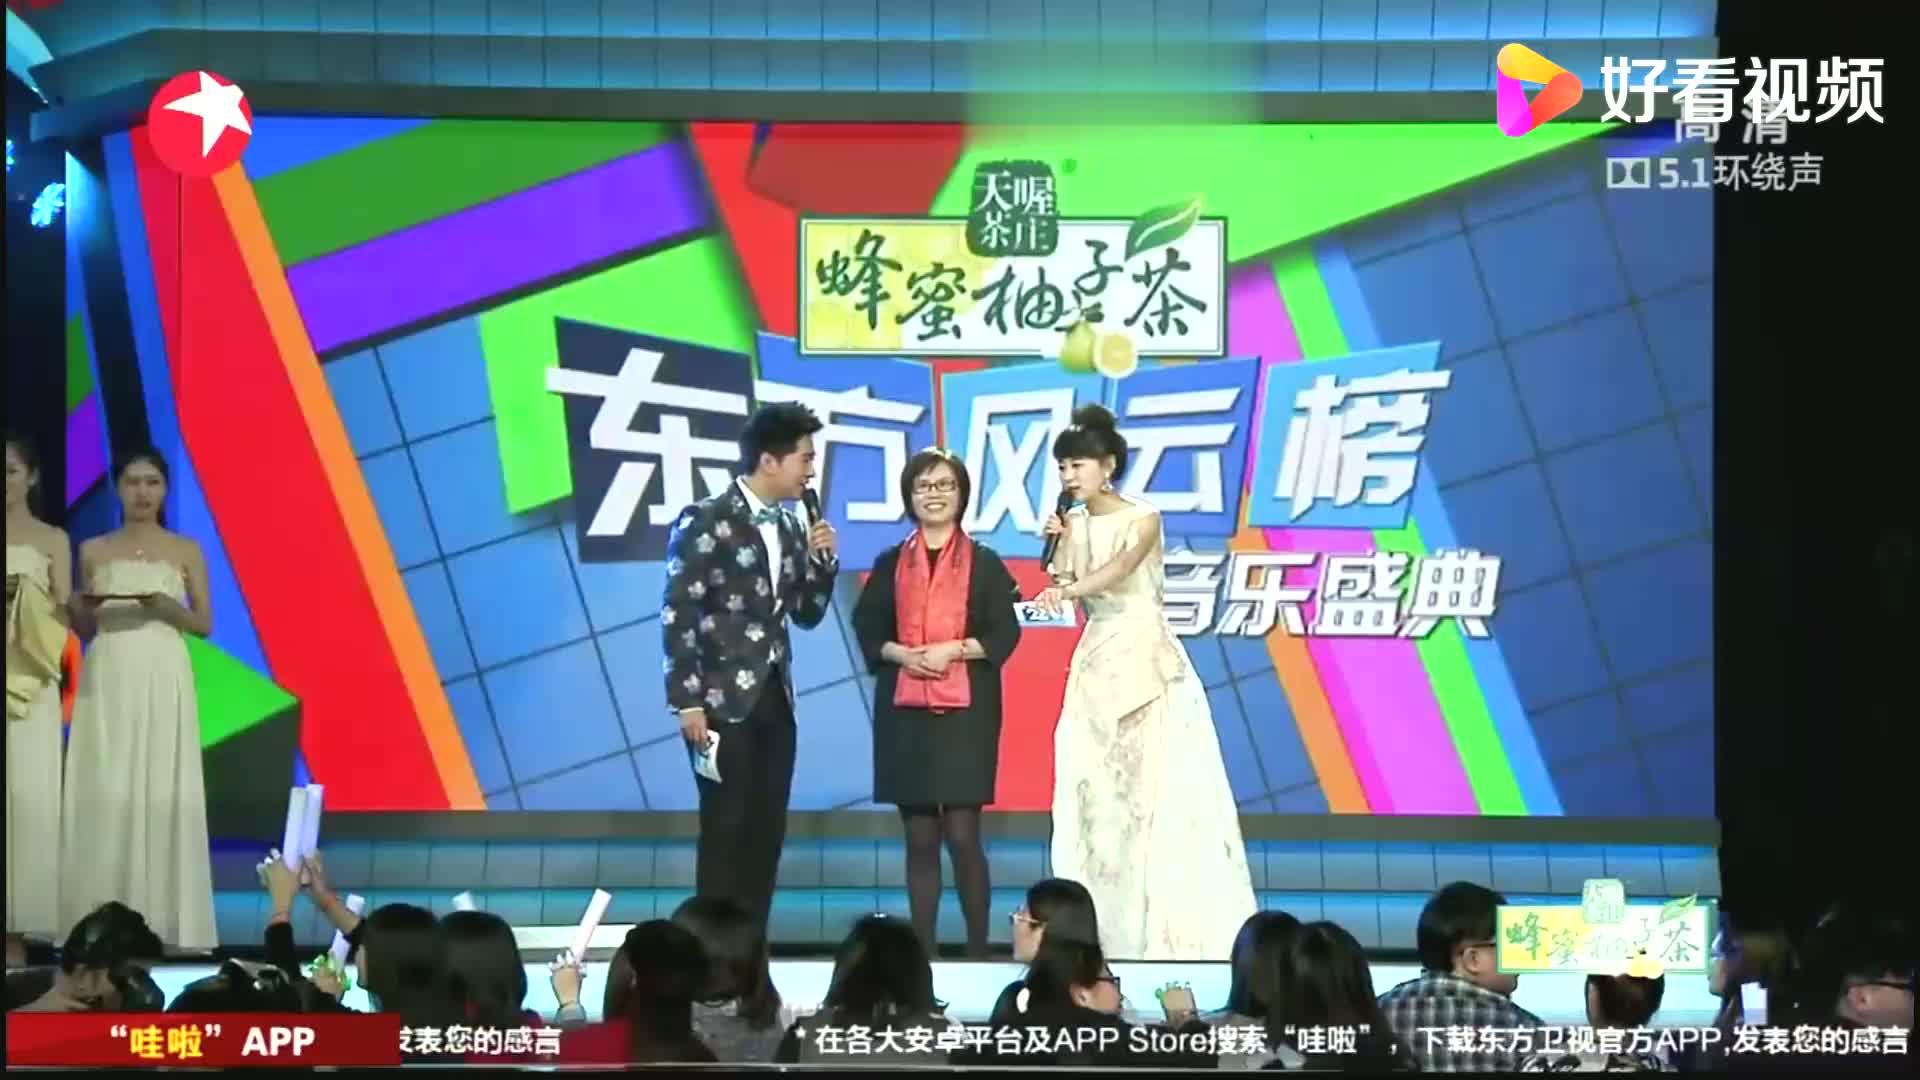 东方风云榜:周笔畅获最佳女歌手奖,实力超级女声实至名归